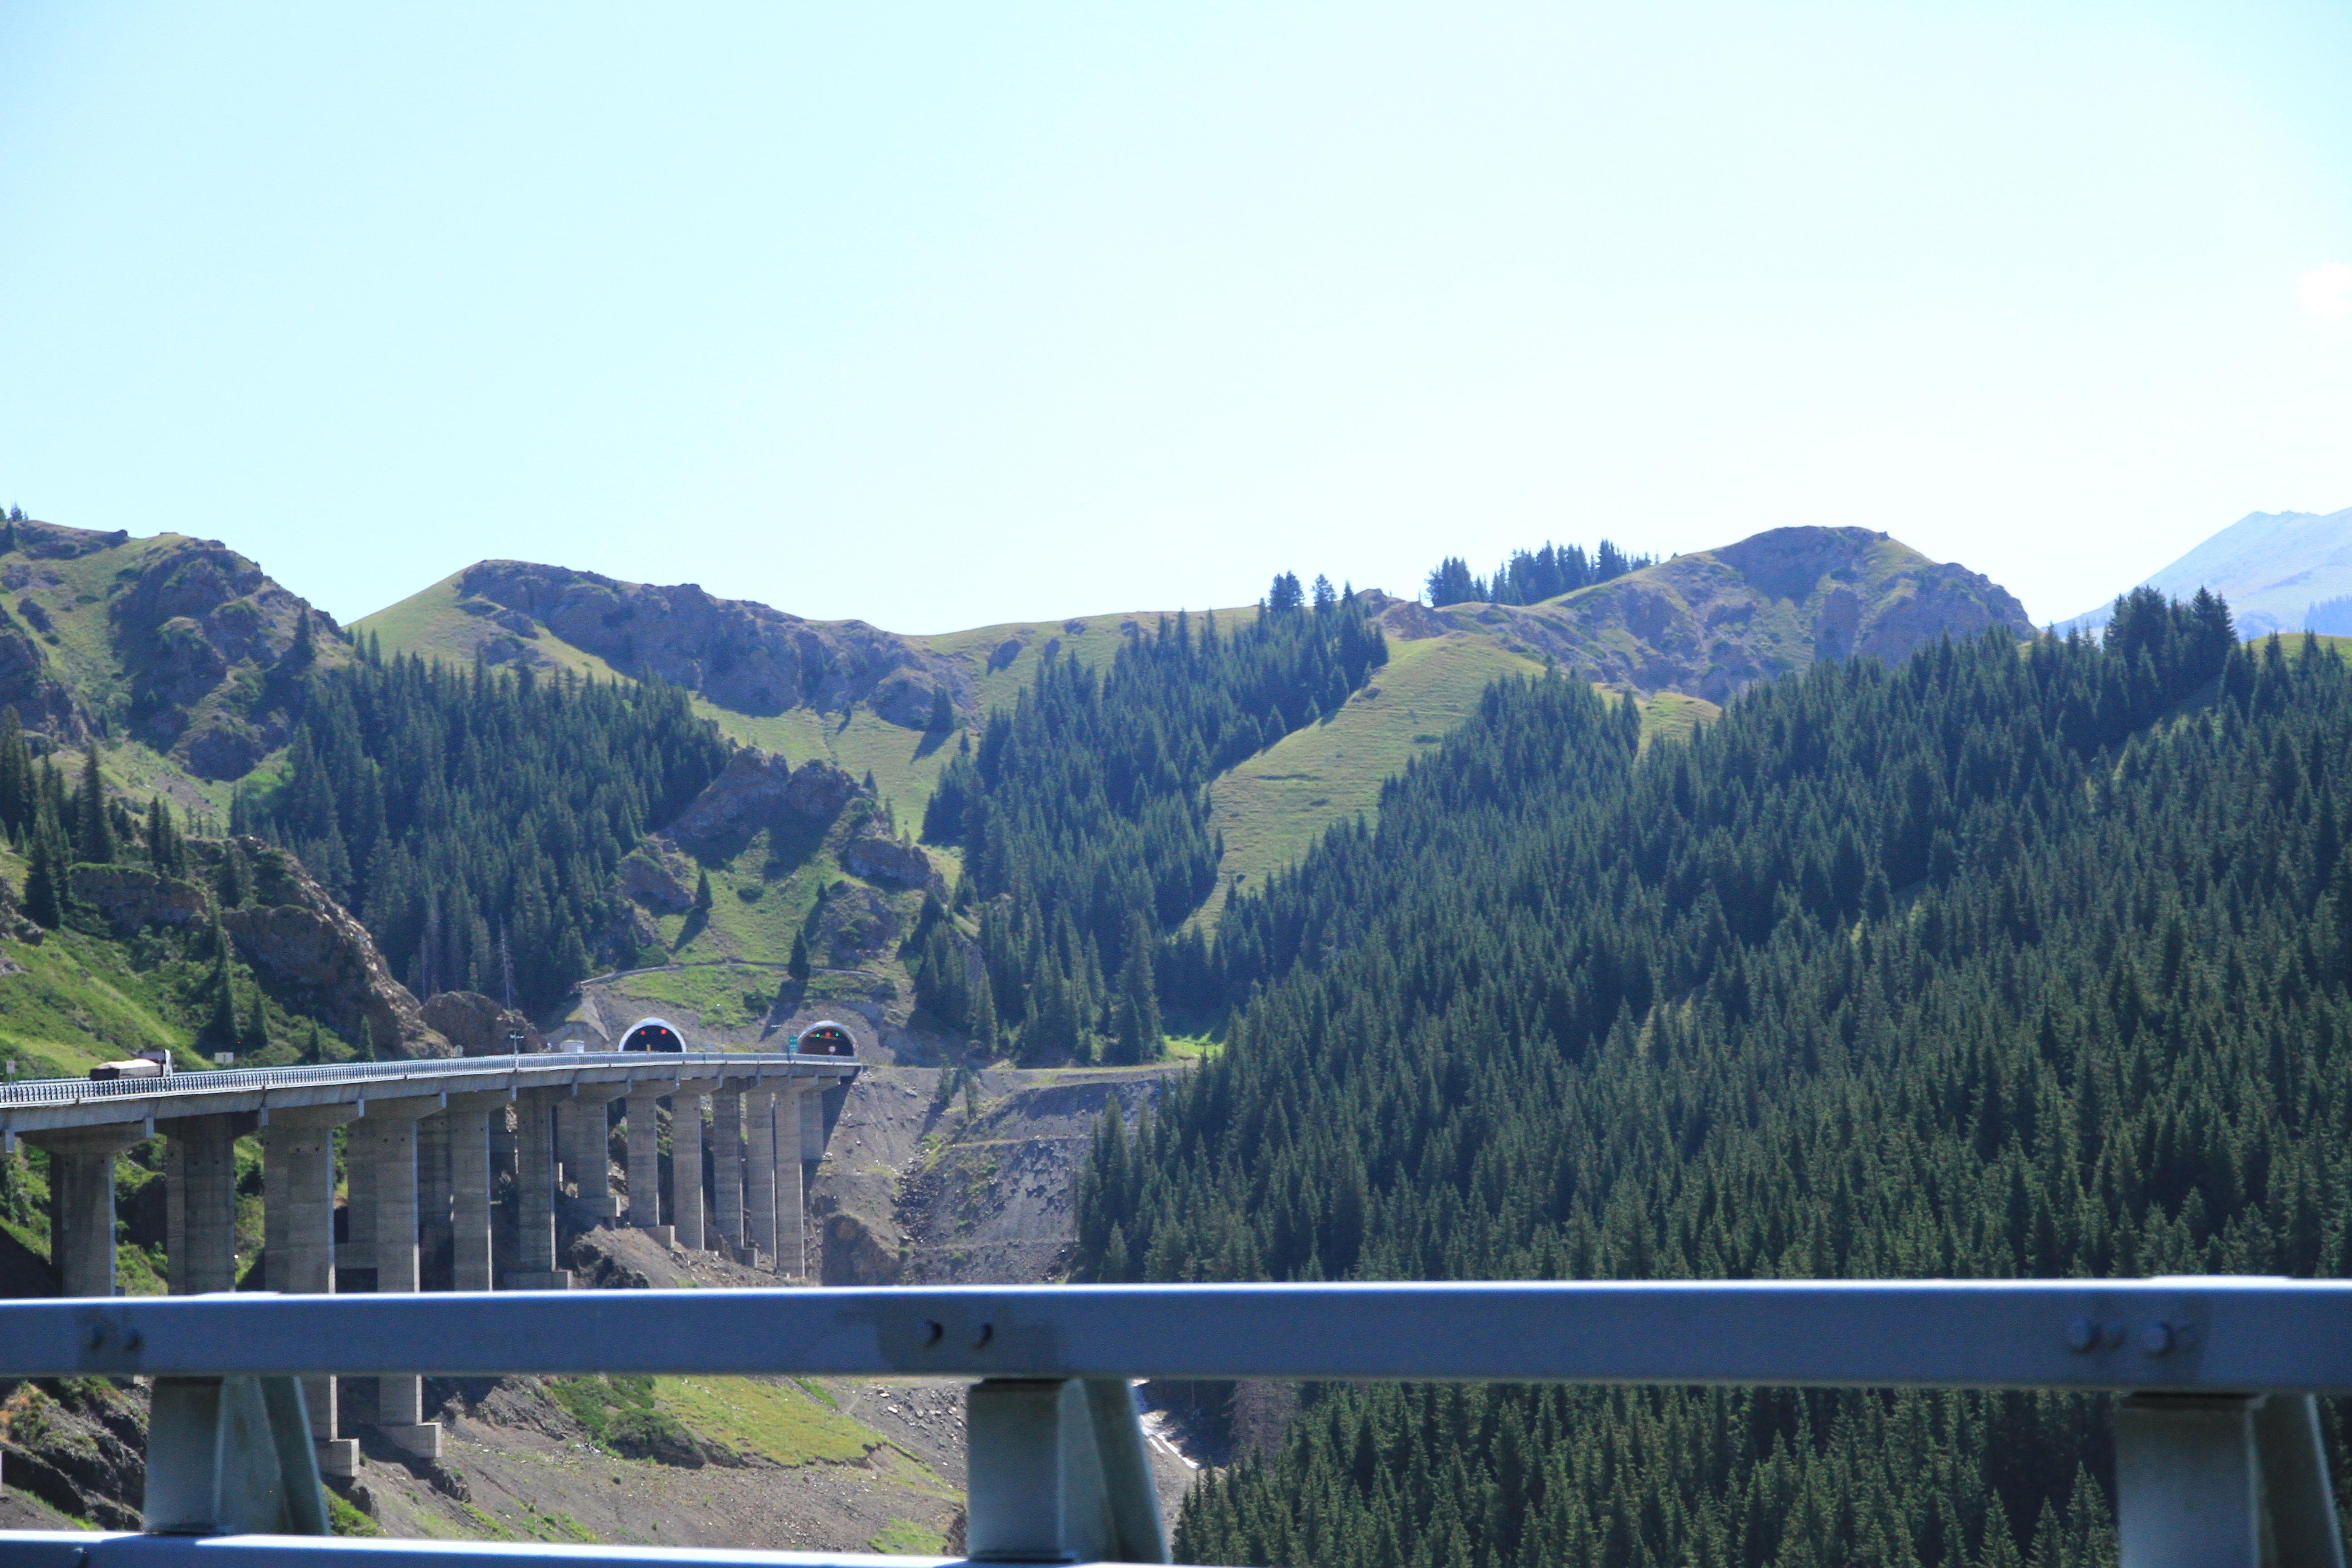 61、呈S形的大桥引桥